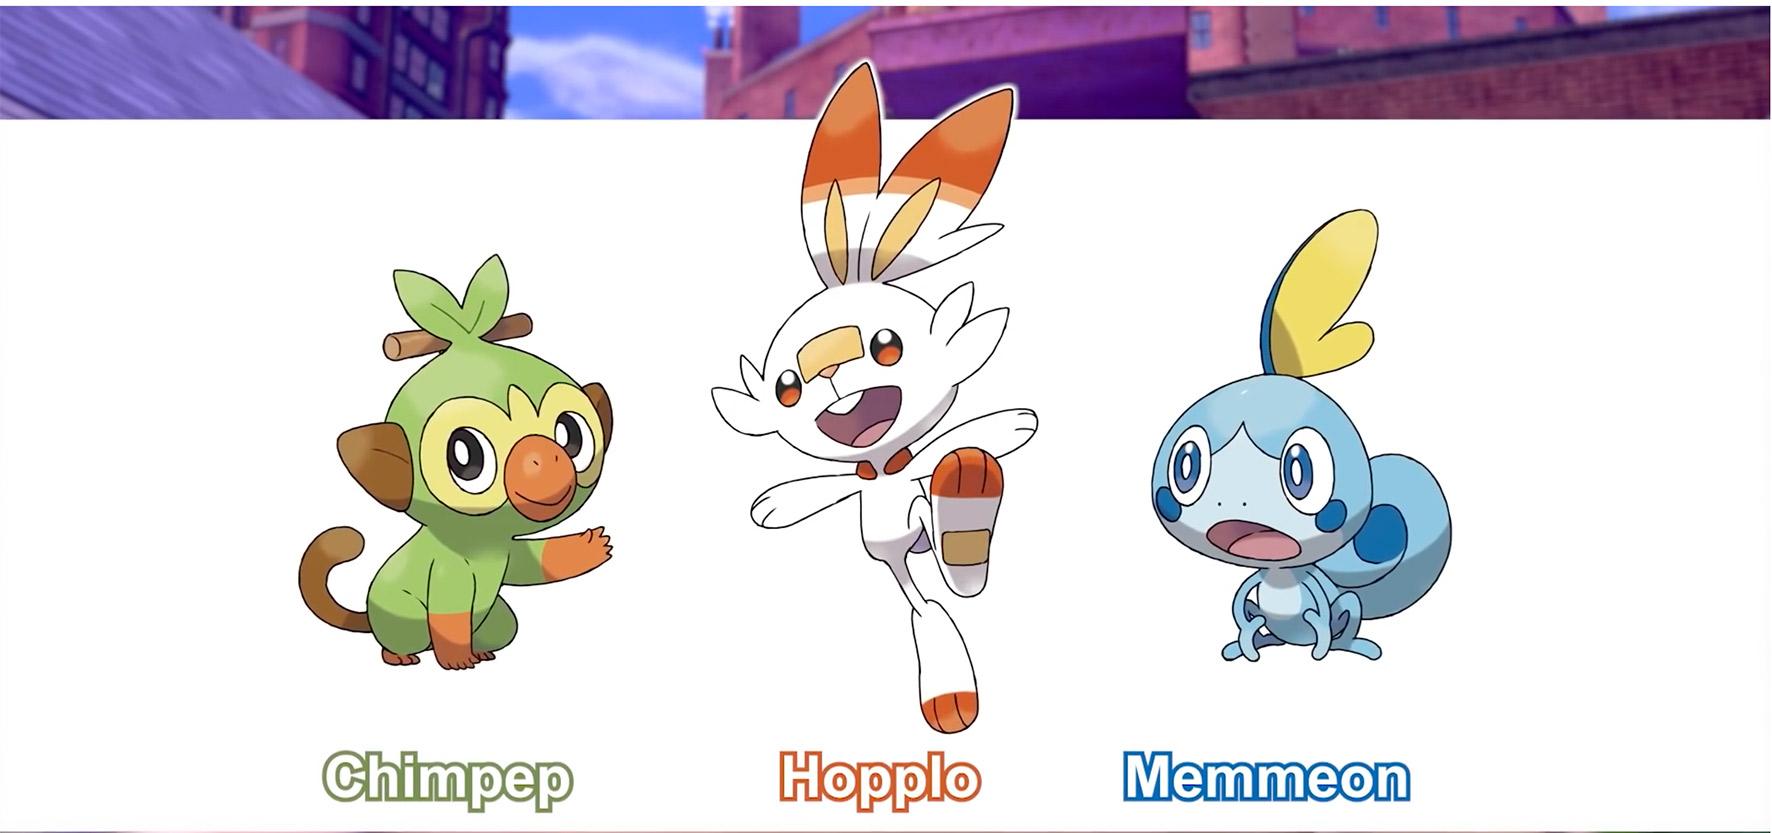 Zwischen diese drei gut gelaunten Pokémon wählt der Spieler seinen Start-Begleiter: Chimpep, Hopplo und Memmeon.